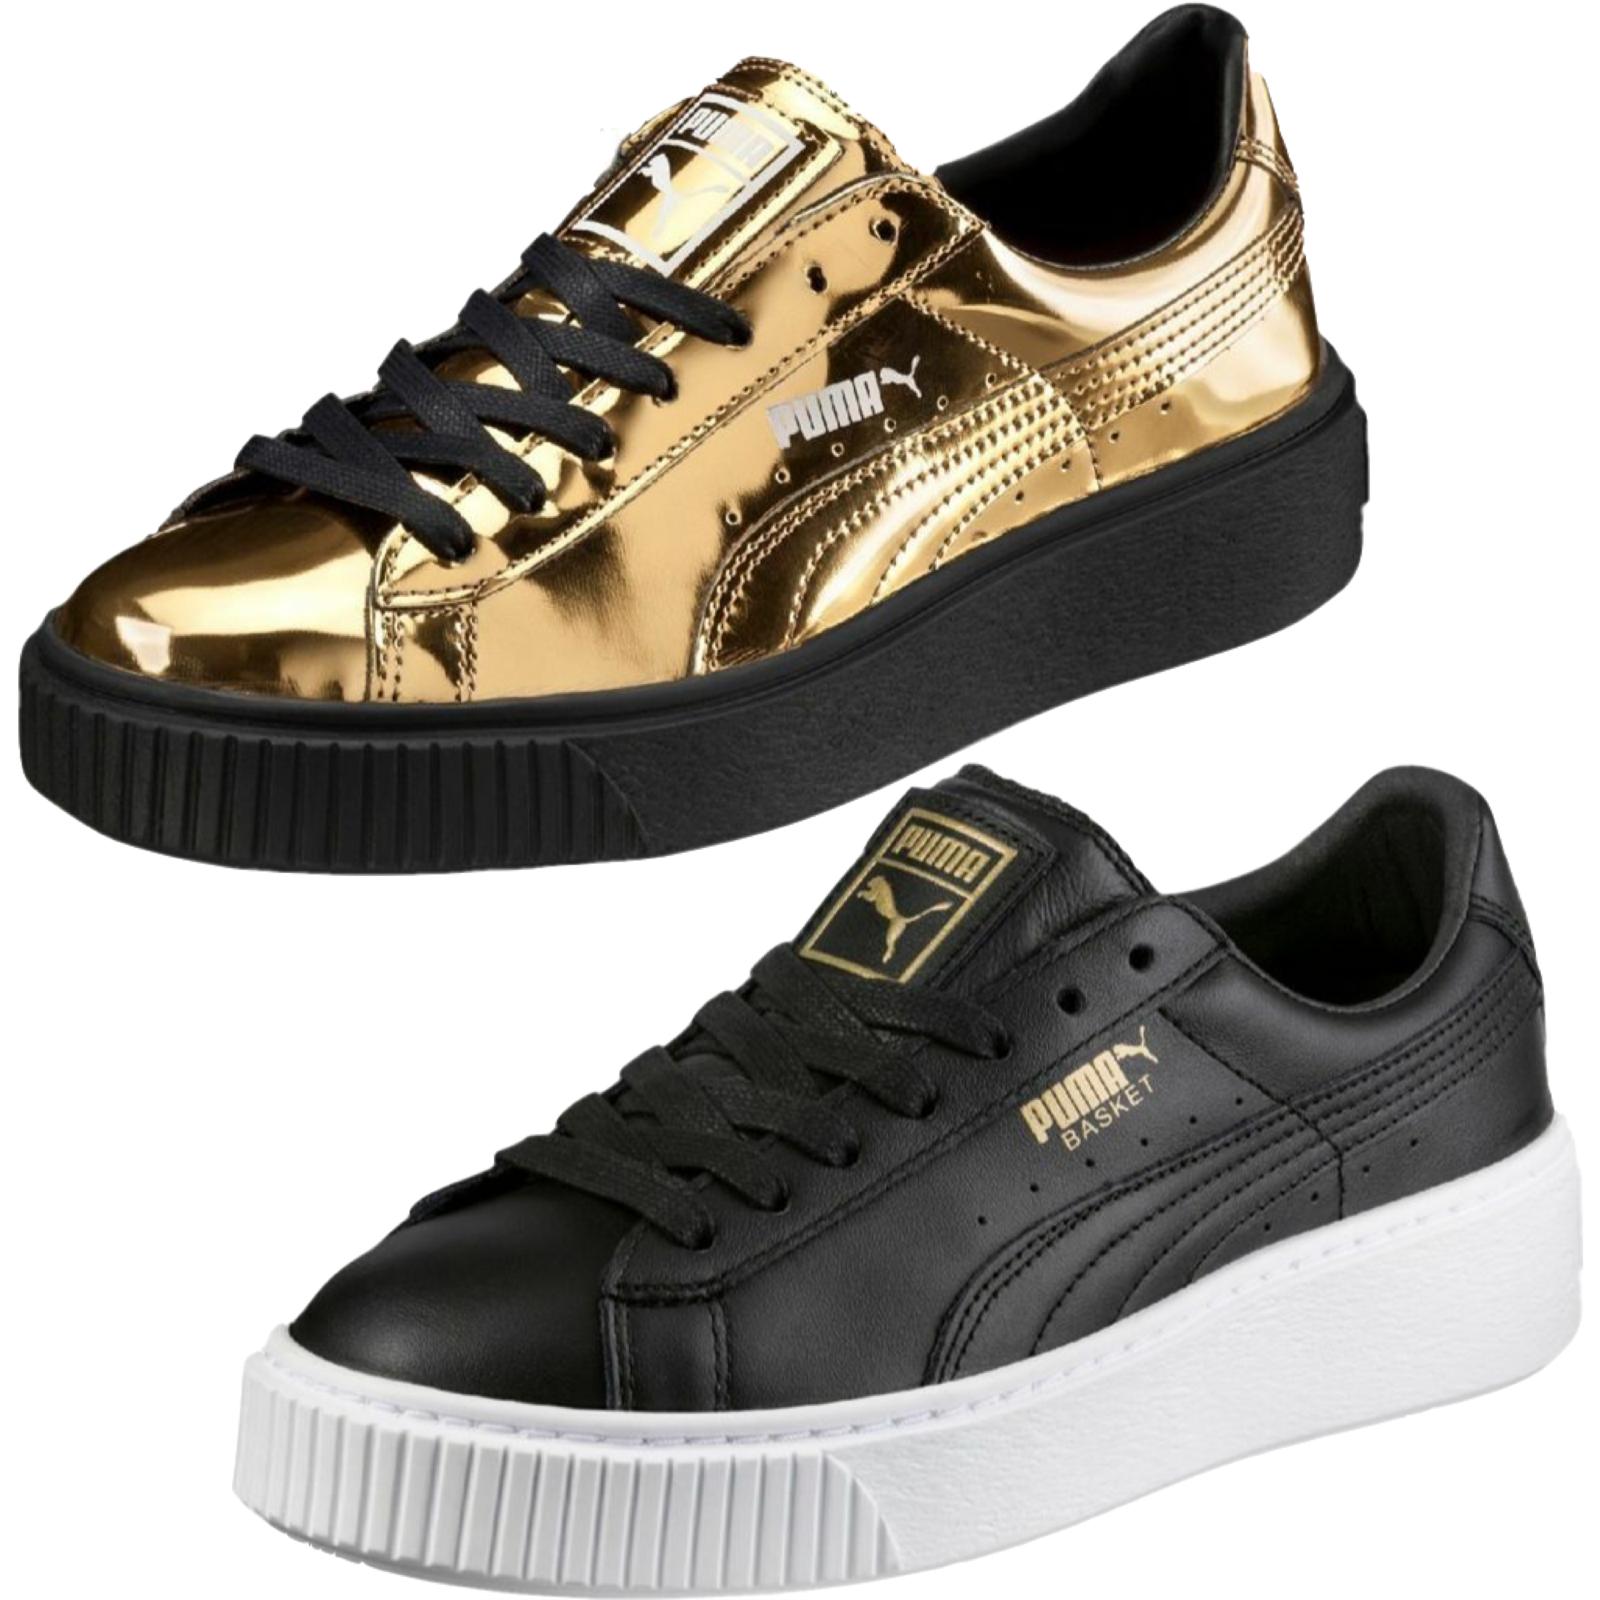 Puma Basket Platform cortos señora zapatillas zapatillas zapatillas calzado deportivo New top premium  directo de fábrica